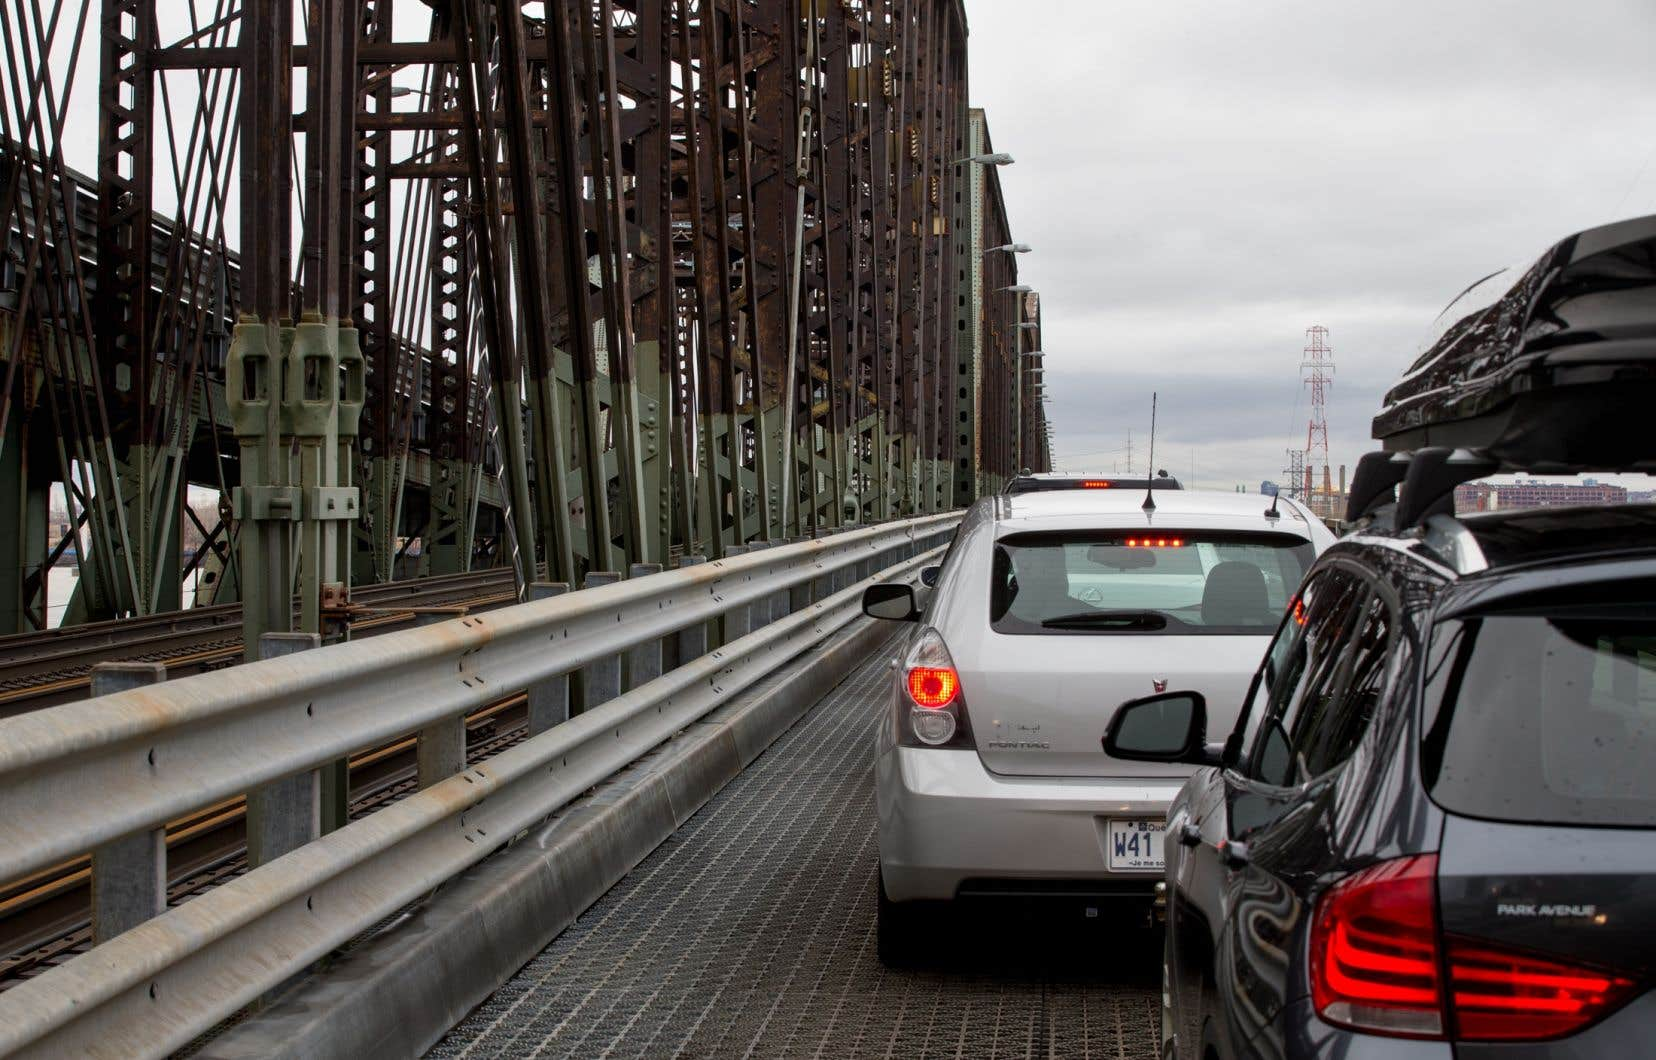 Le pont Victoria, qui a été inauguré en 1860, relie Saint-Lambert à Montréal en enjambant le fleuve Saint-Laurent.